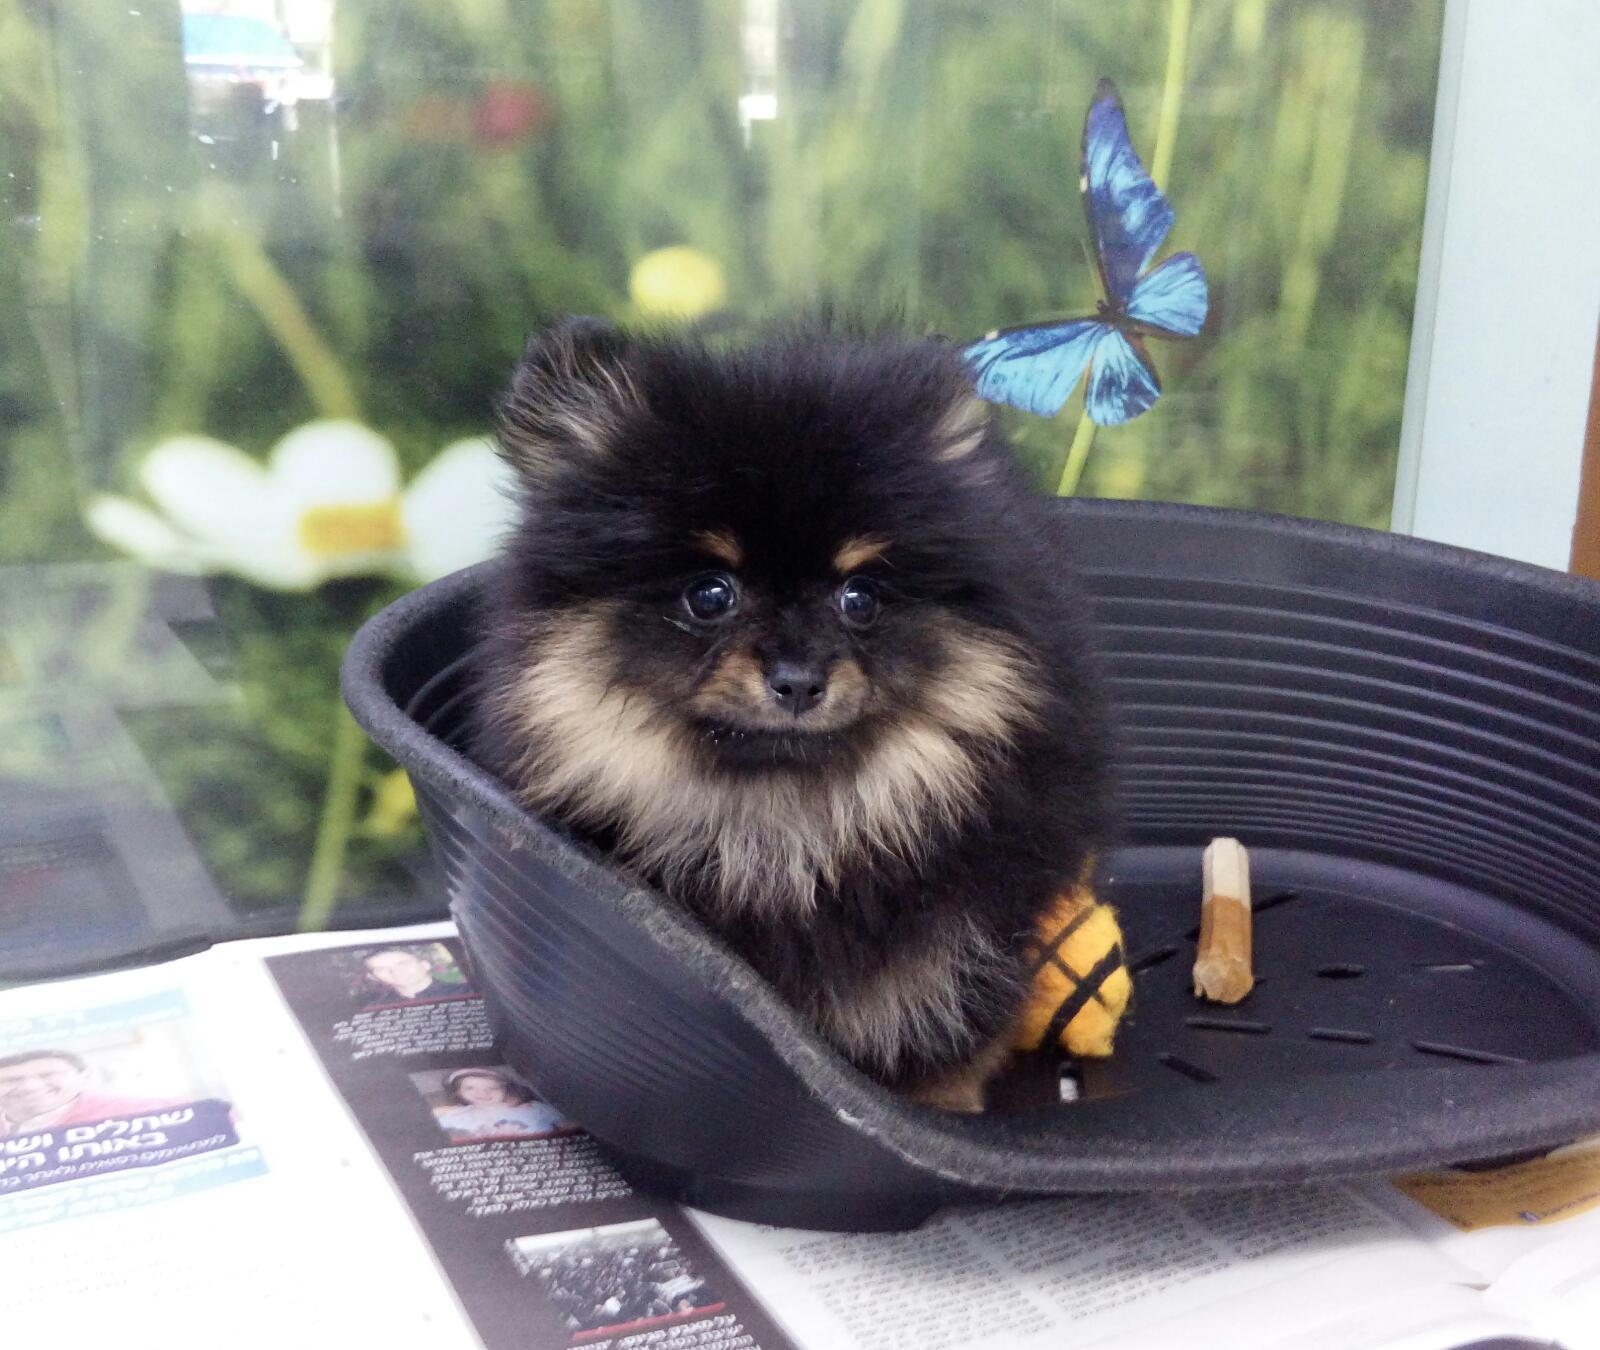 למעלה גור פומרניין POMERANIAN |כלבים גזעיים קטנים-מול חיות מחמד DT-63